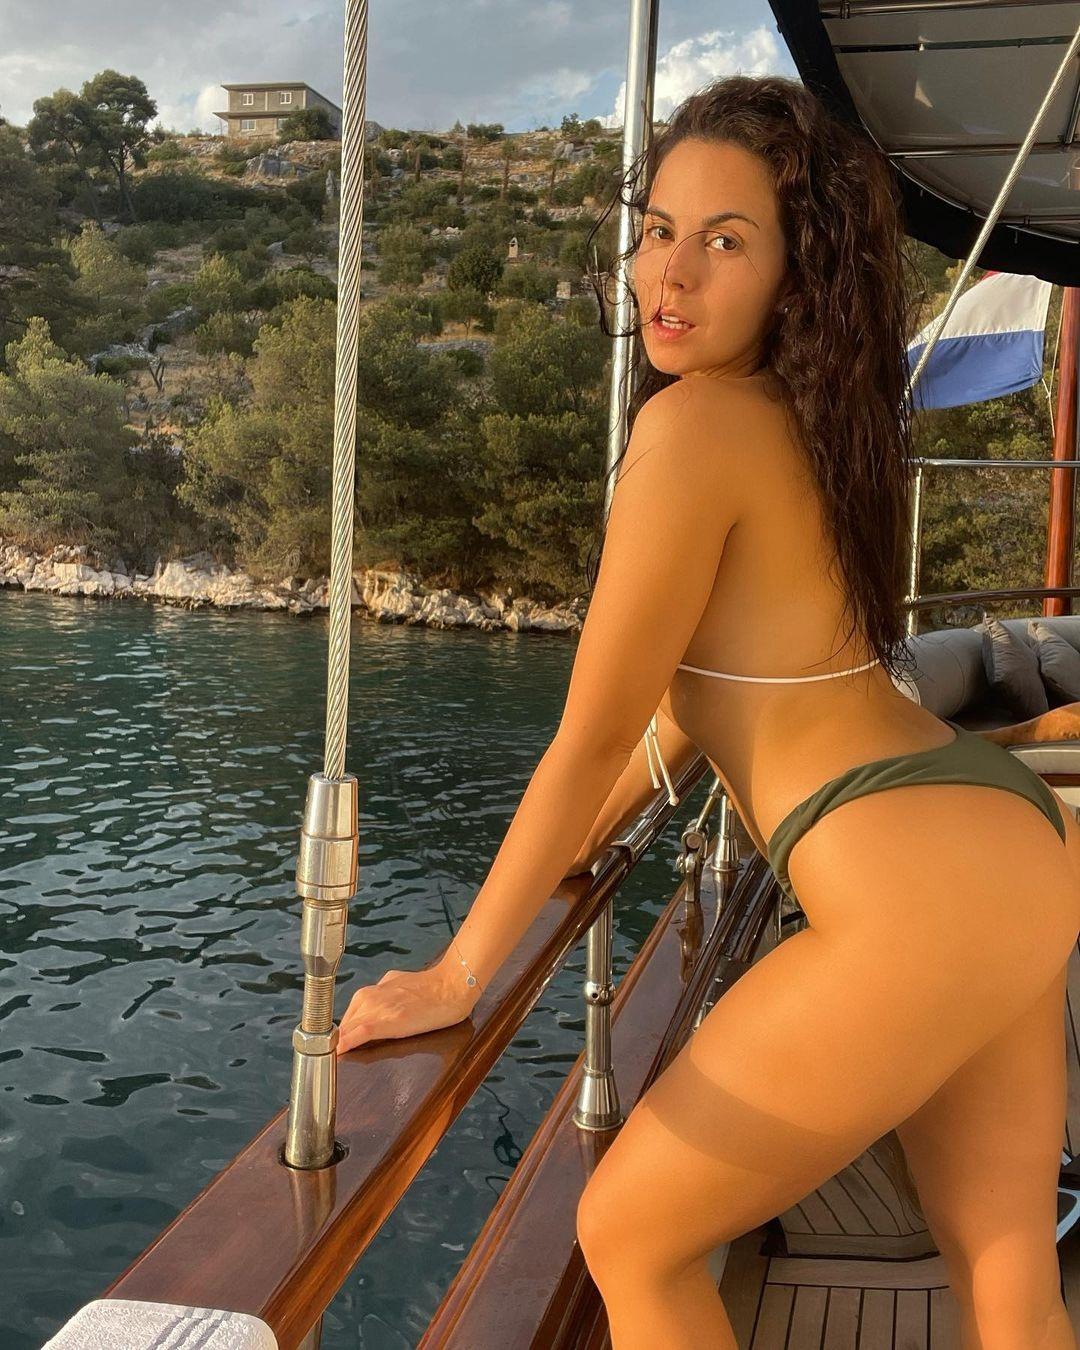 настя каменских в купальнике отпуск лето отдых хорватия 2021